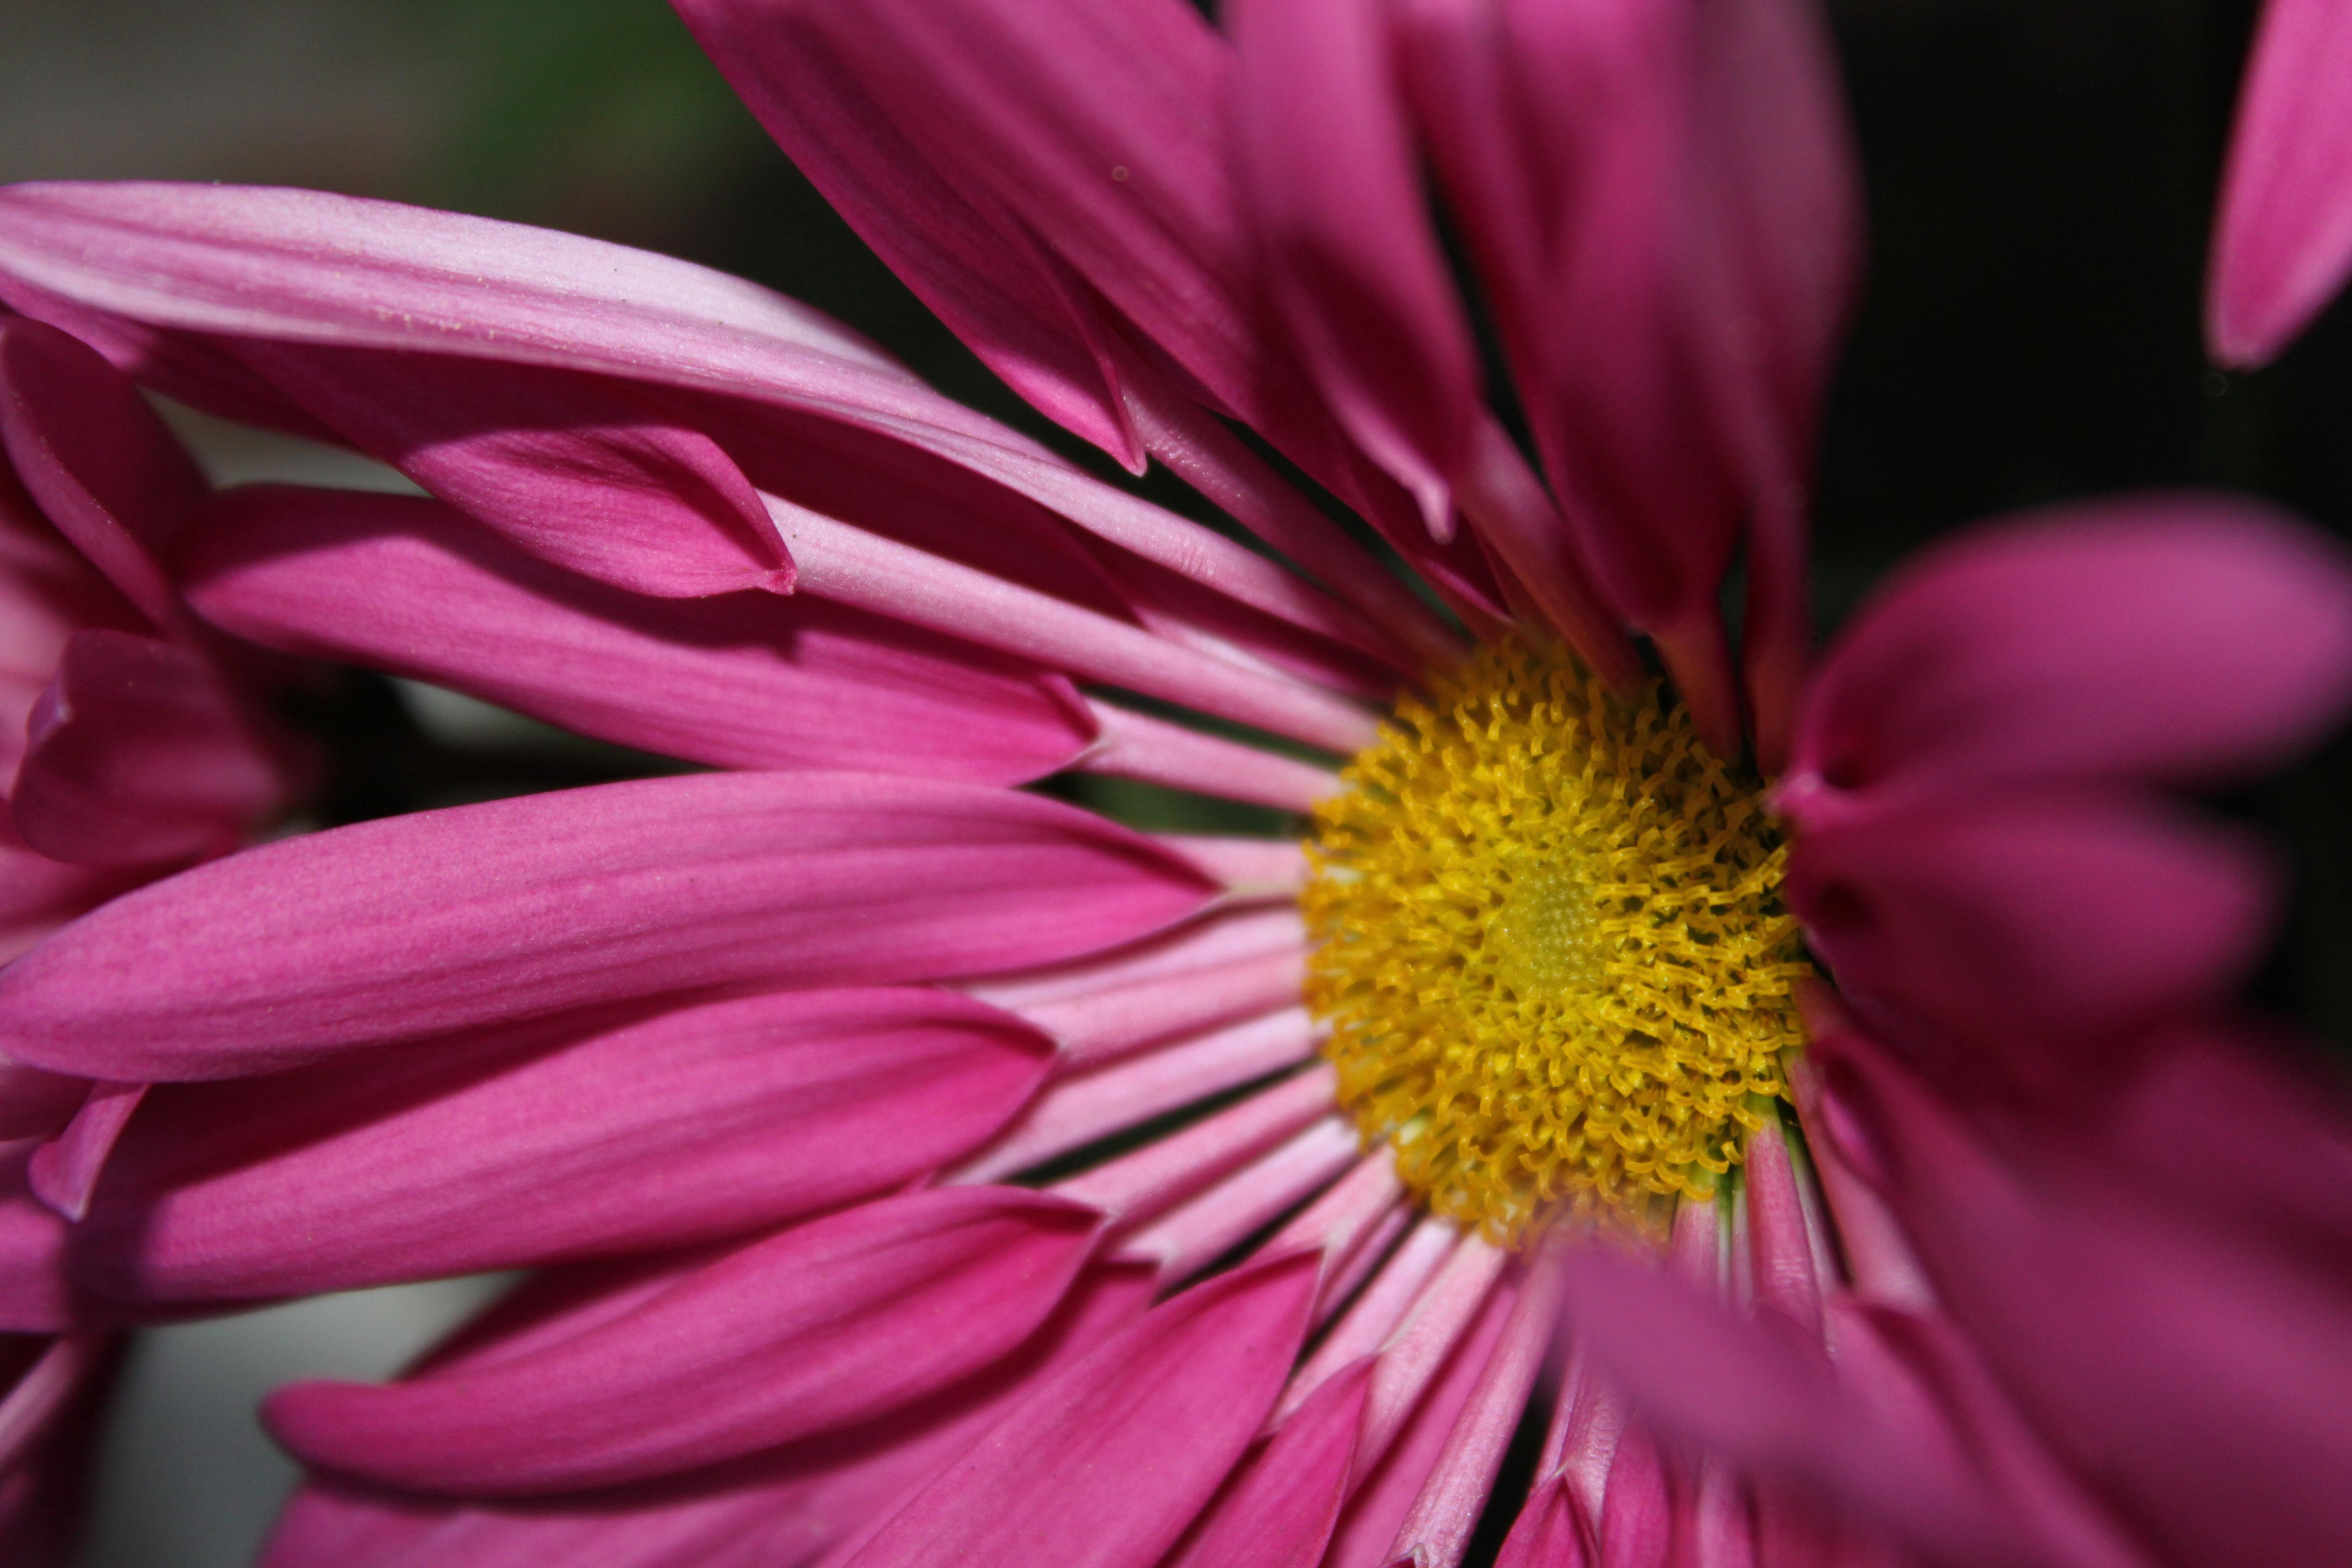 Gerbera, floral photography, art